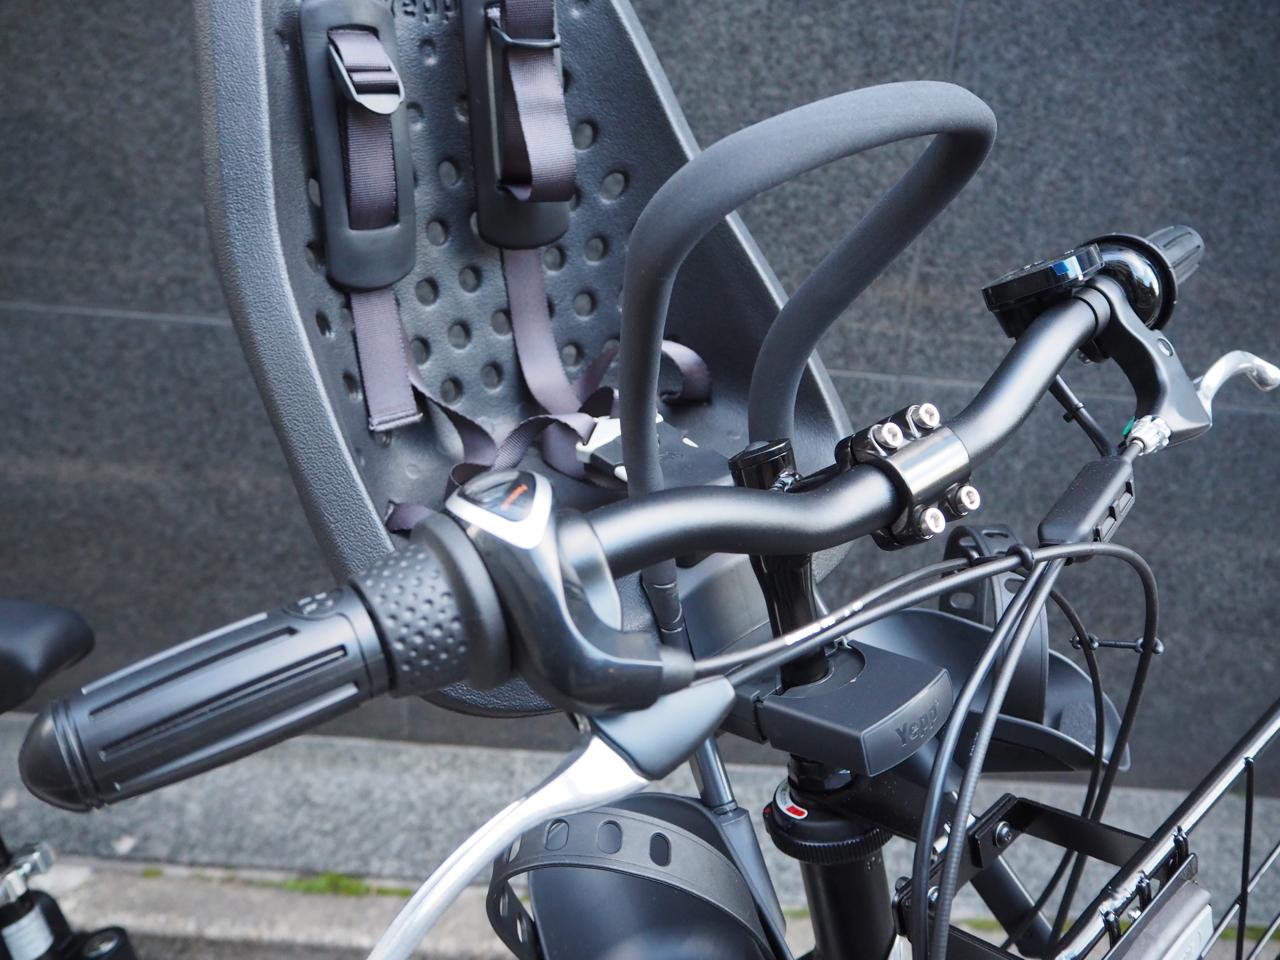 ステップクルーズ,ブリヂストン,電動自転車,かっこいい,カスタム,チャイルドシート